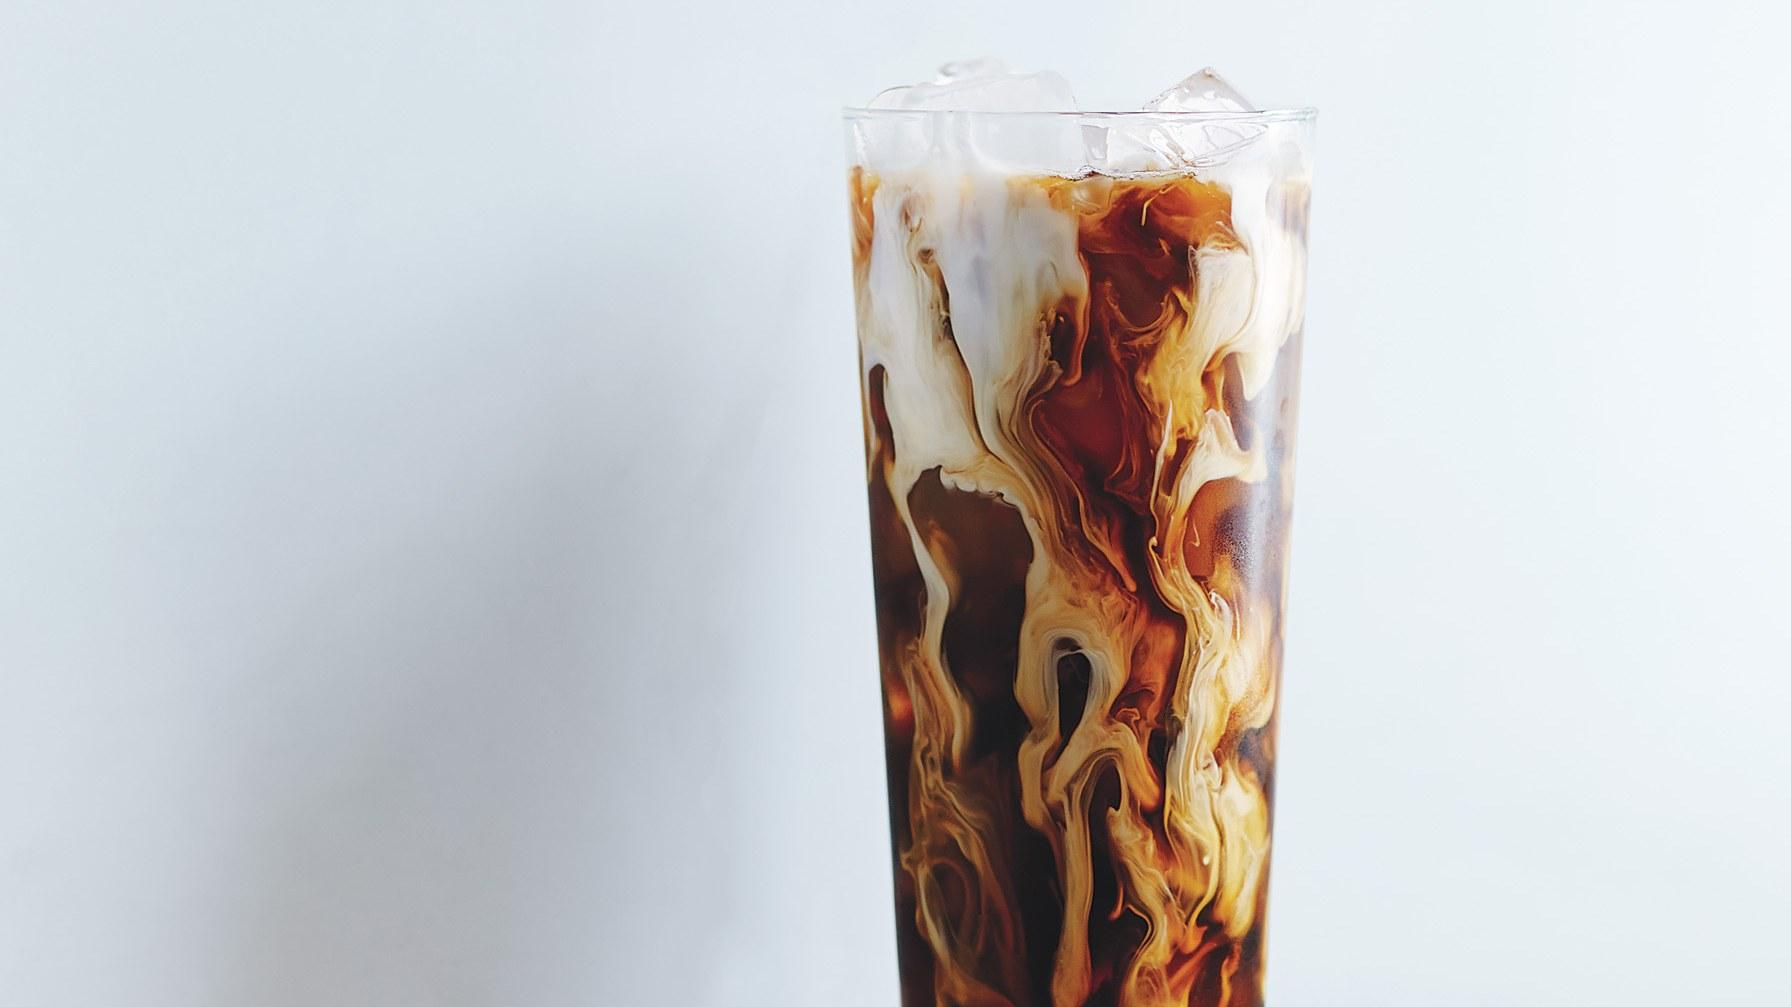 dublin-iced-coffee.jpg